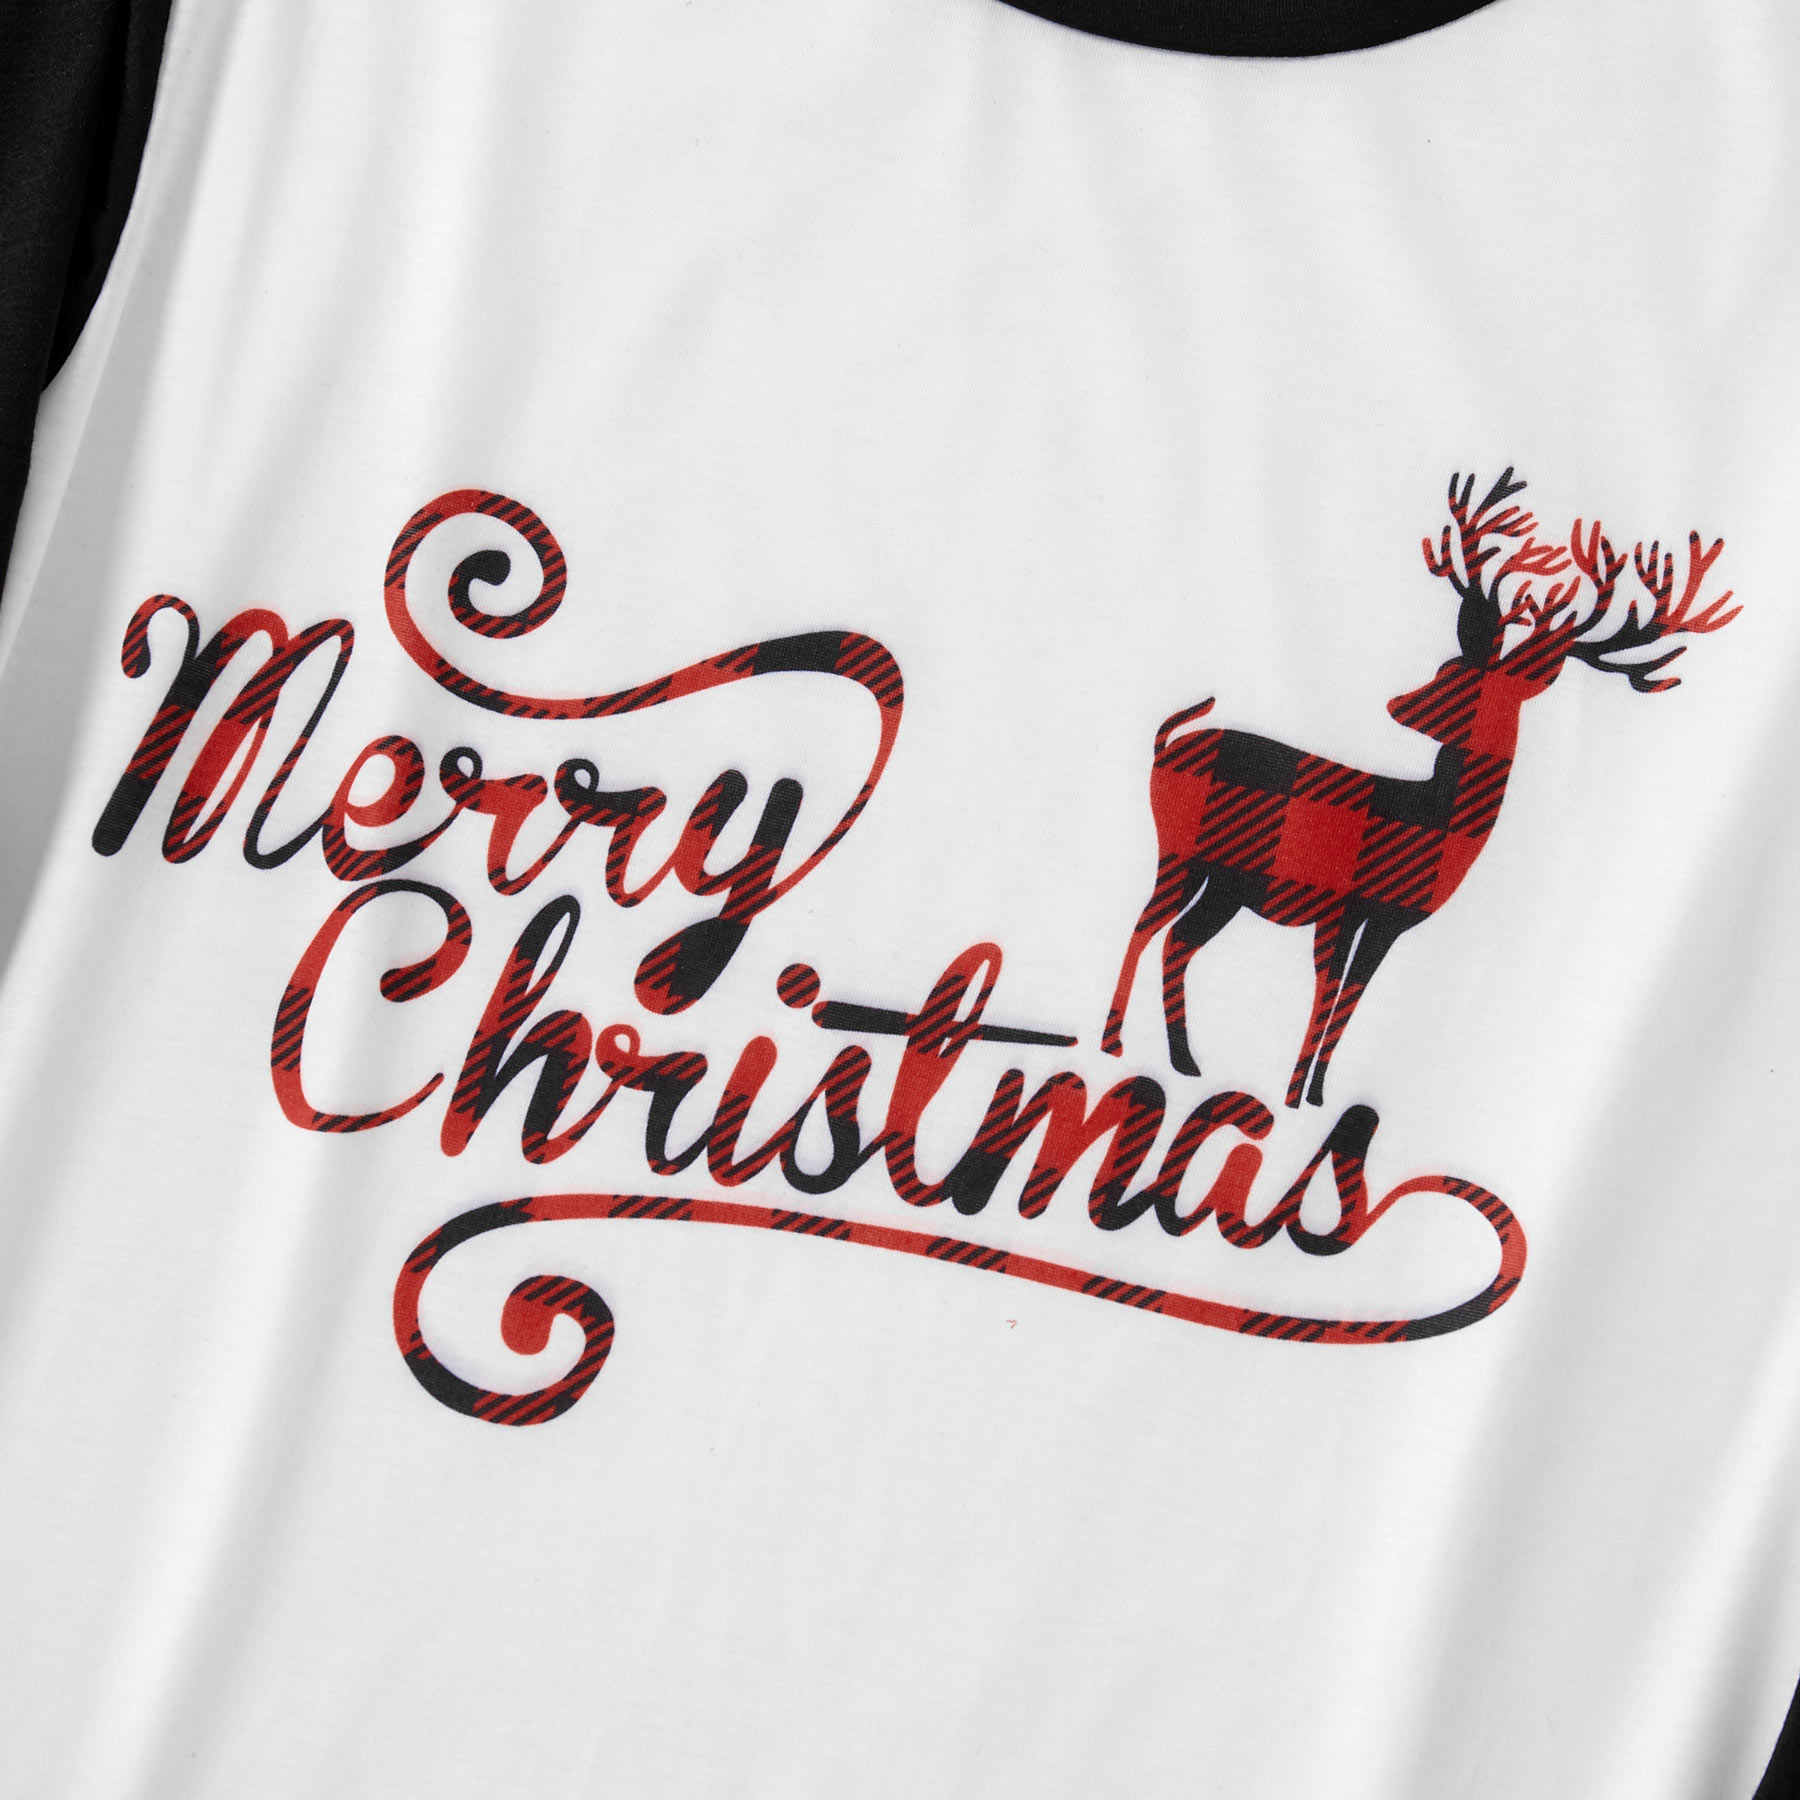 Elk Plaid familia pijamas de Navidad conjuntos de mamá papá y yo ropa de dormir a juego ropa de dormir de aspecto familiar pijamas trajes y sombreros